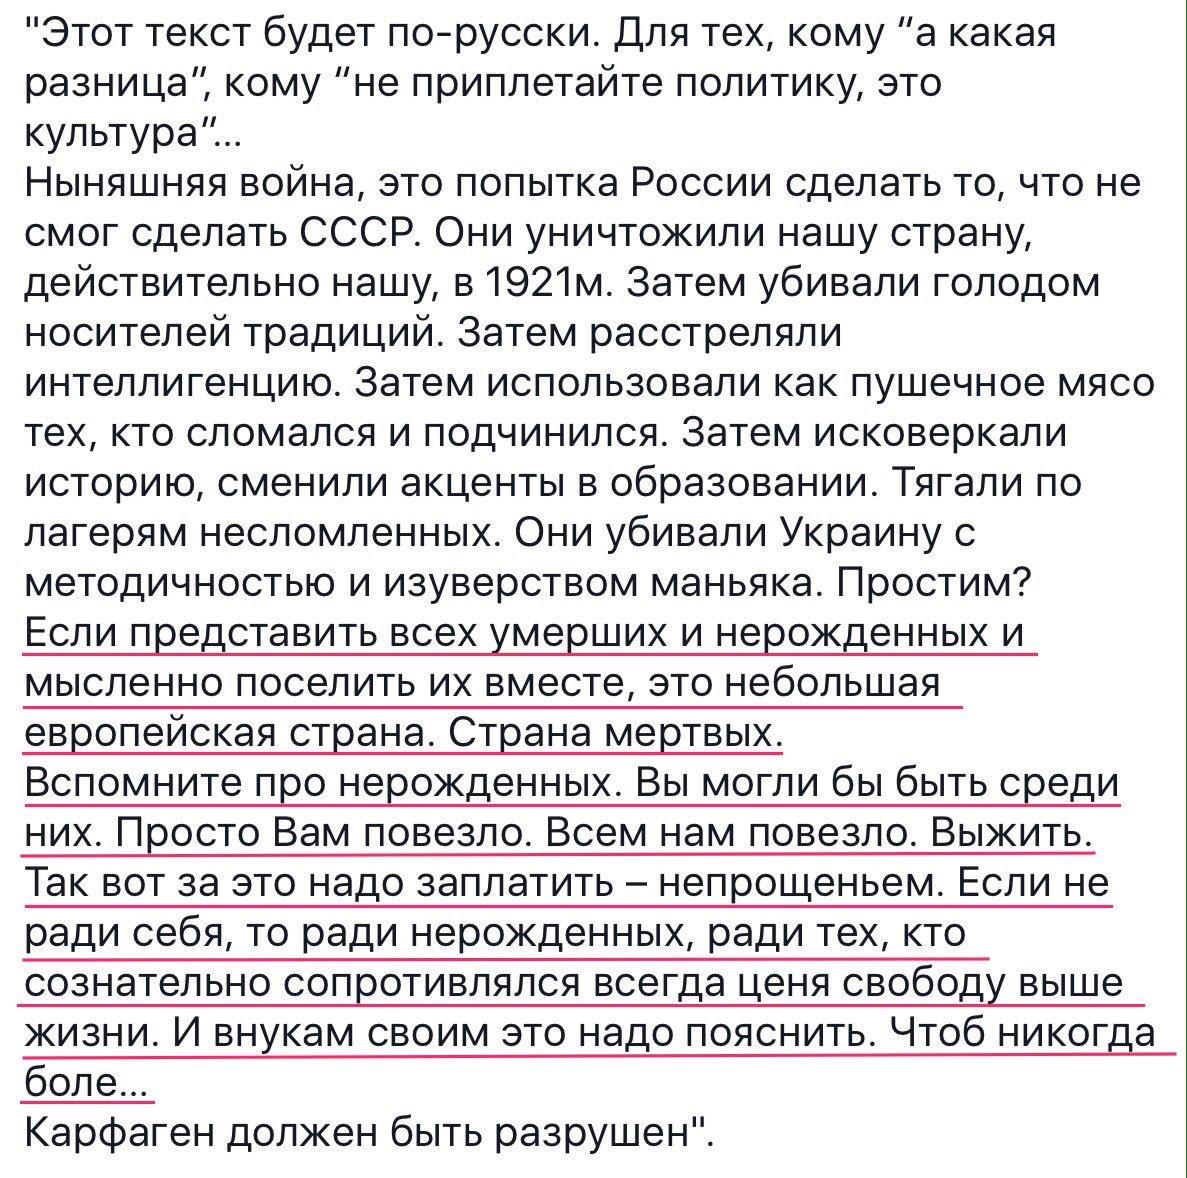 """""""Организаторы не знали о ее происхождении"""", - в СБУ прокомментировали исполнение в Кривом Роге 9 мая песни о военных РФ в Сирии - Цензор.НЕТ 3316"""